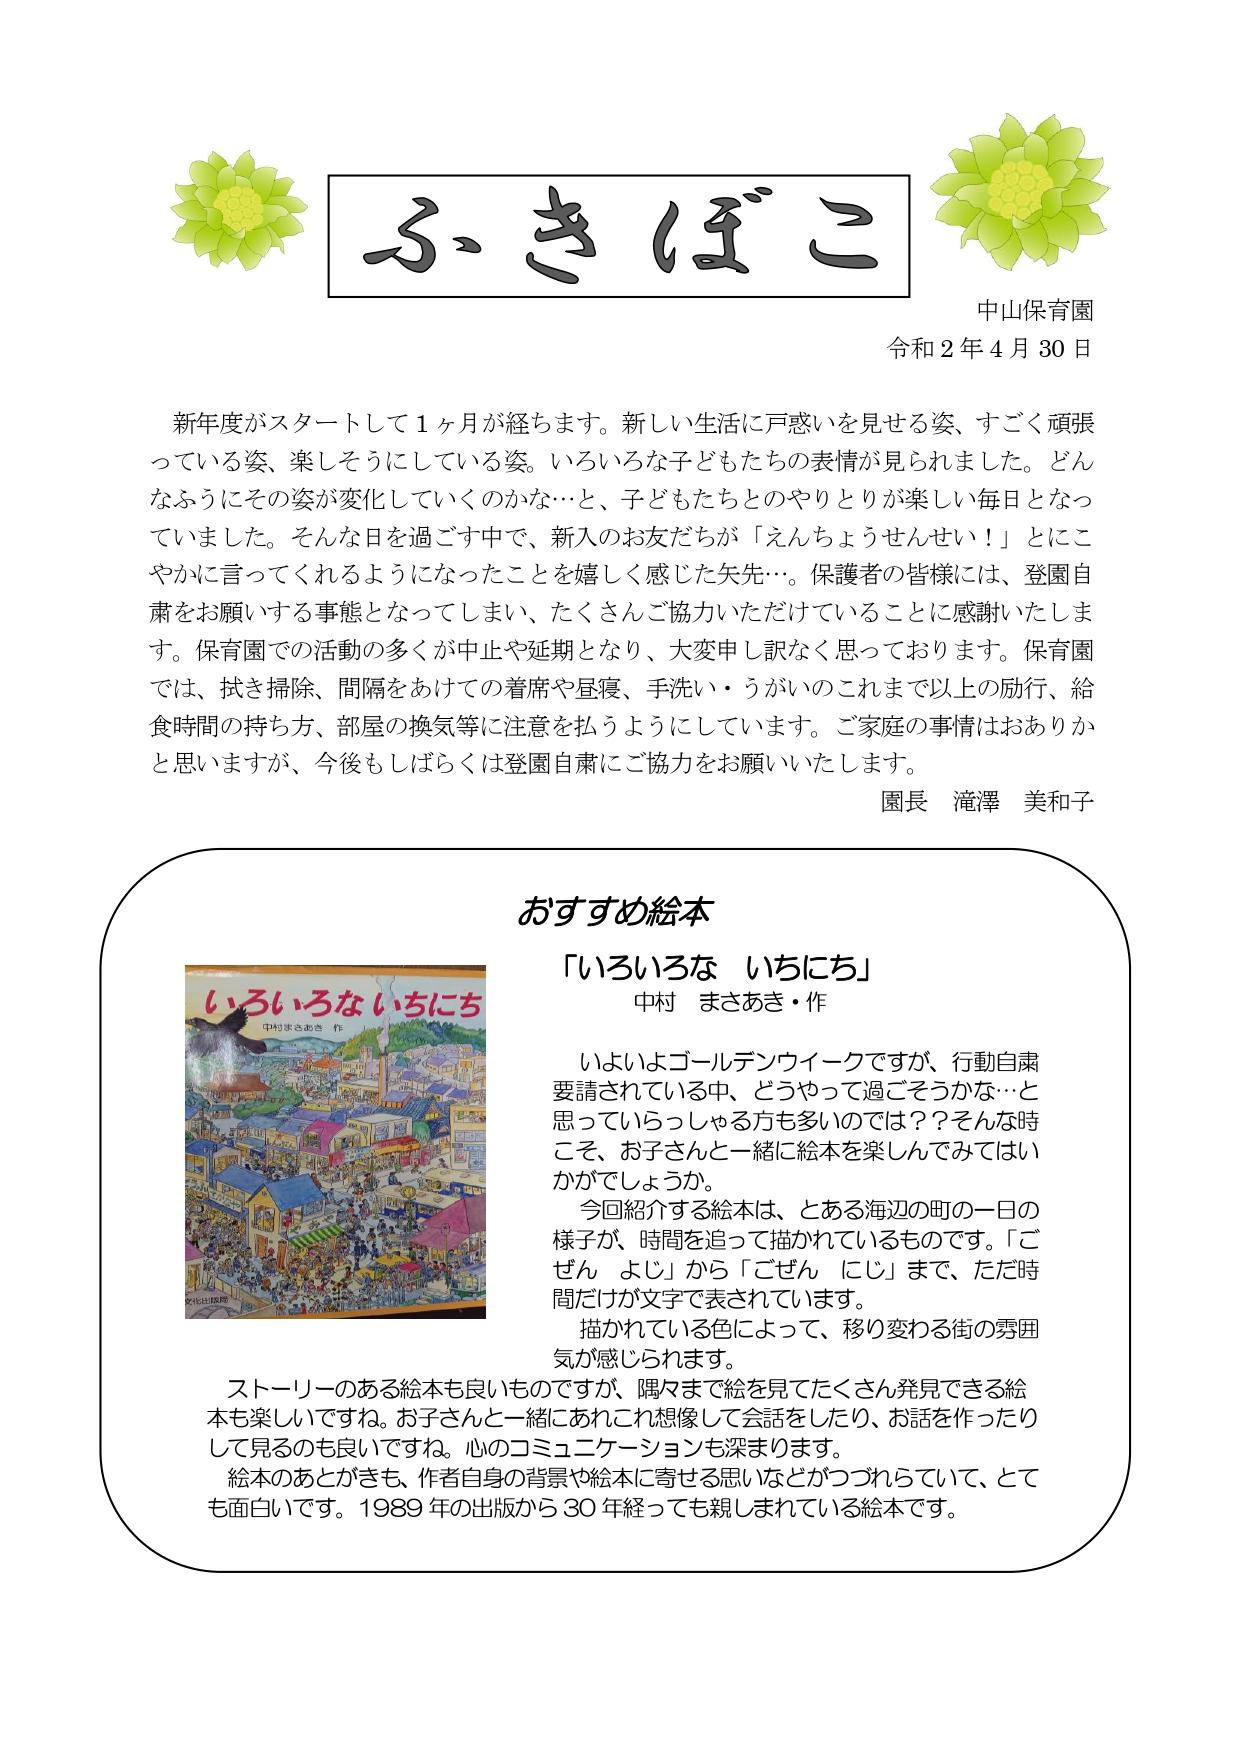 R2ふきぼこ 5月 - コピー_page-0001